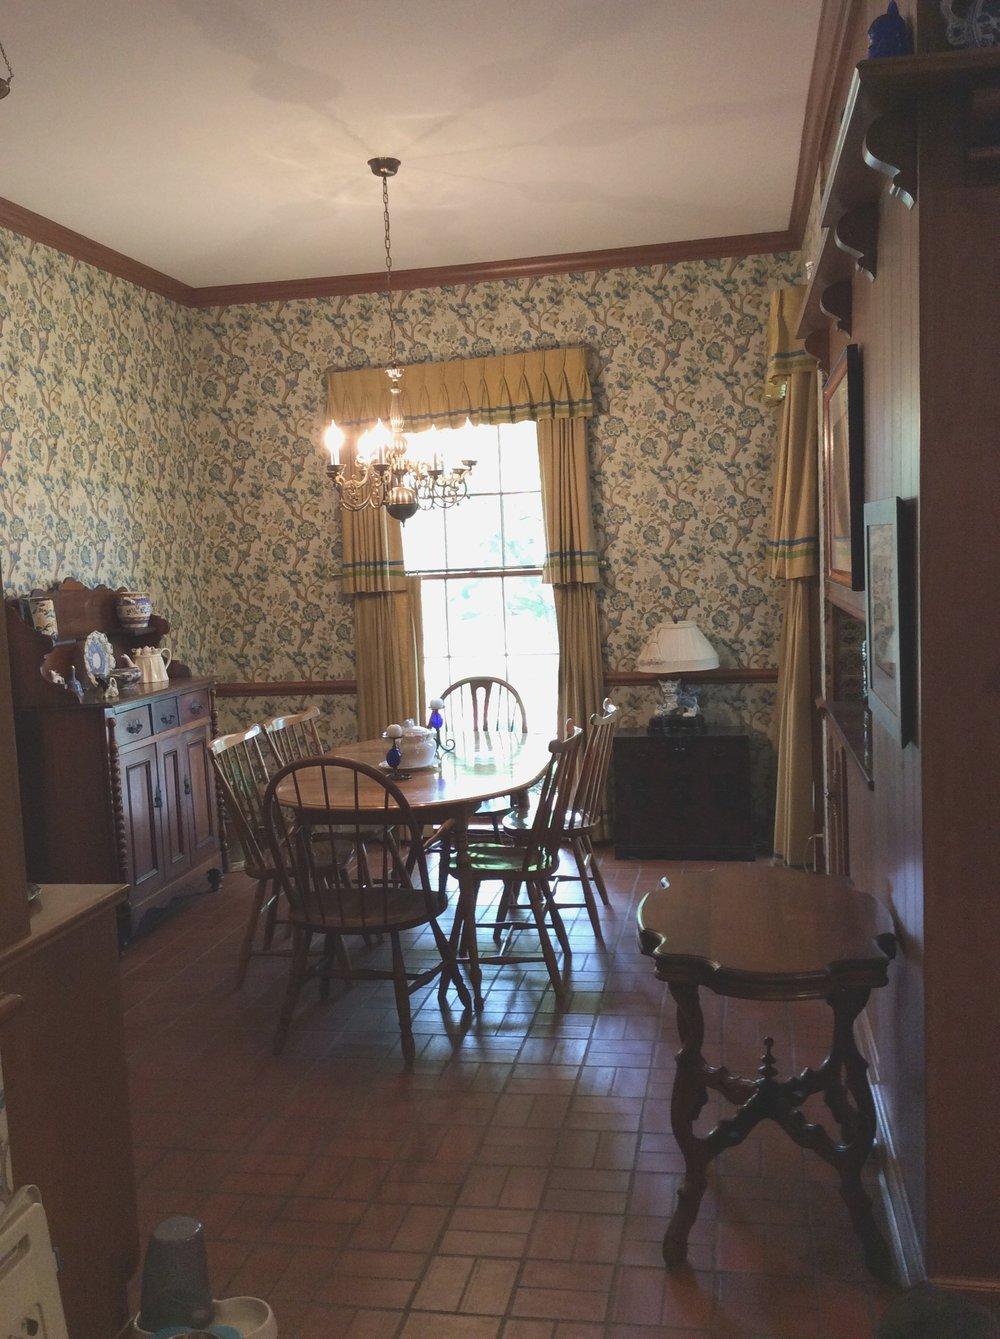 Breakfast Room - Before